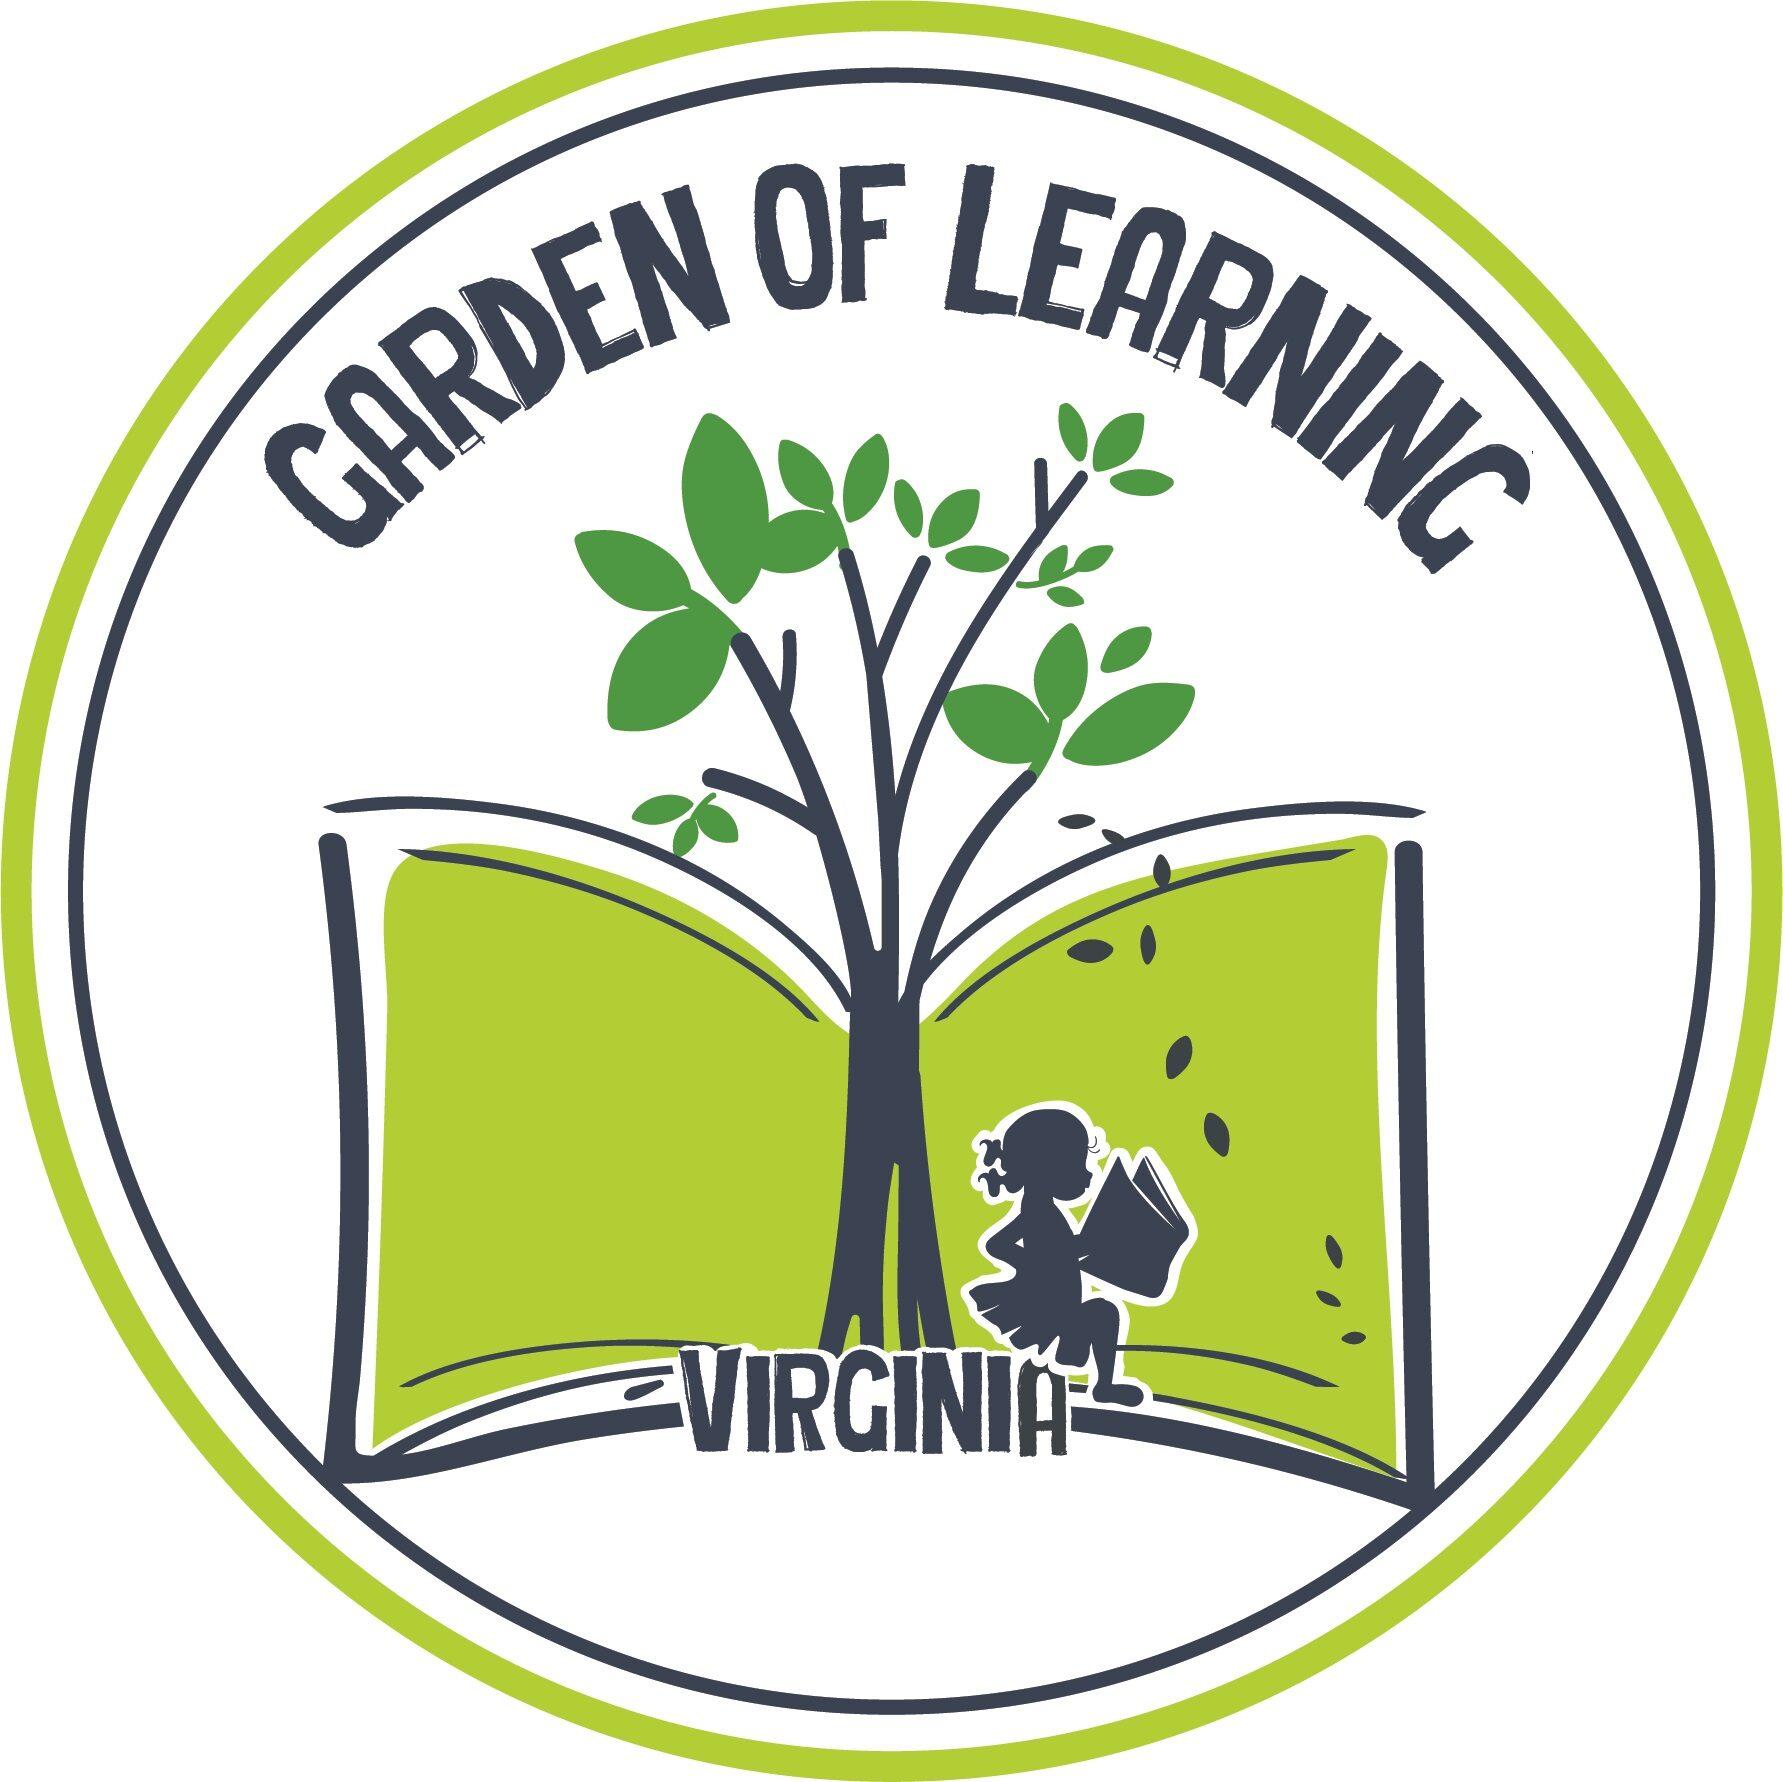 Garden of Learning VA